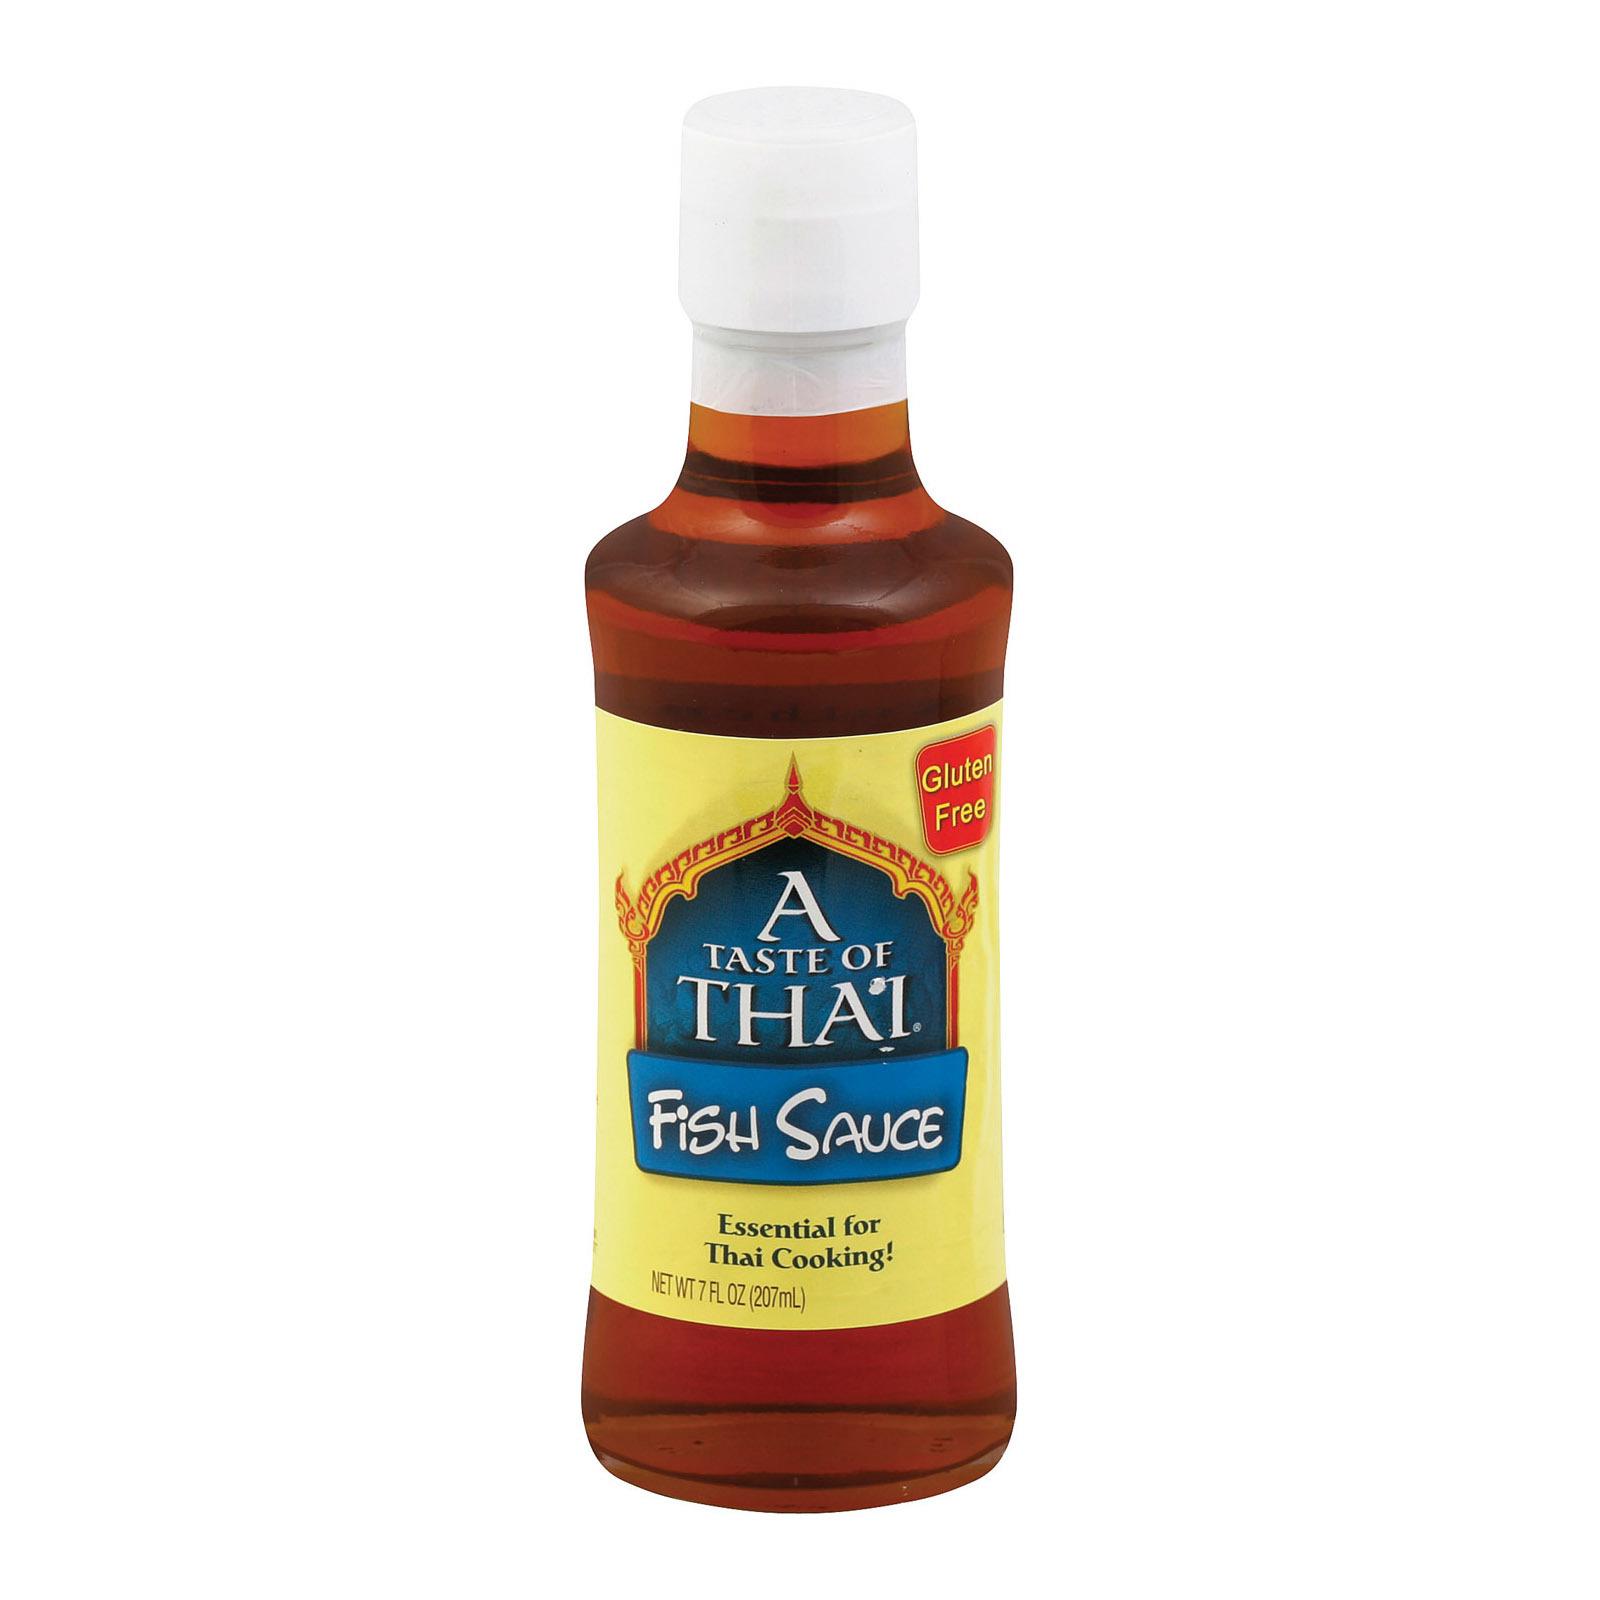 Taste of Thai Fish Sauce - Case of 6 - 7 Fl oz.